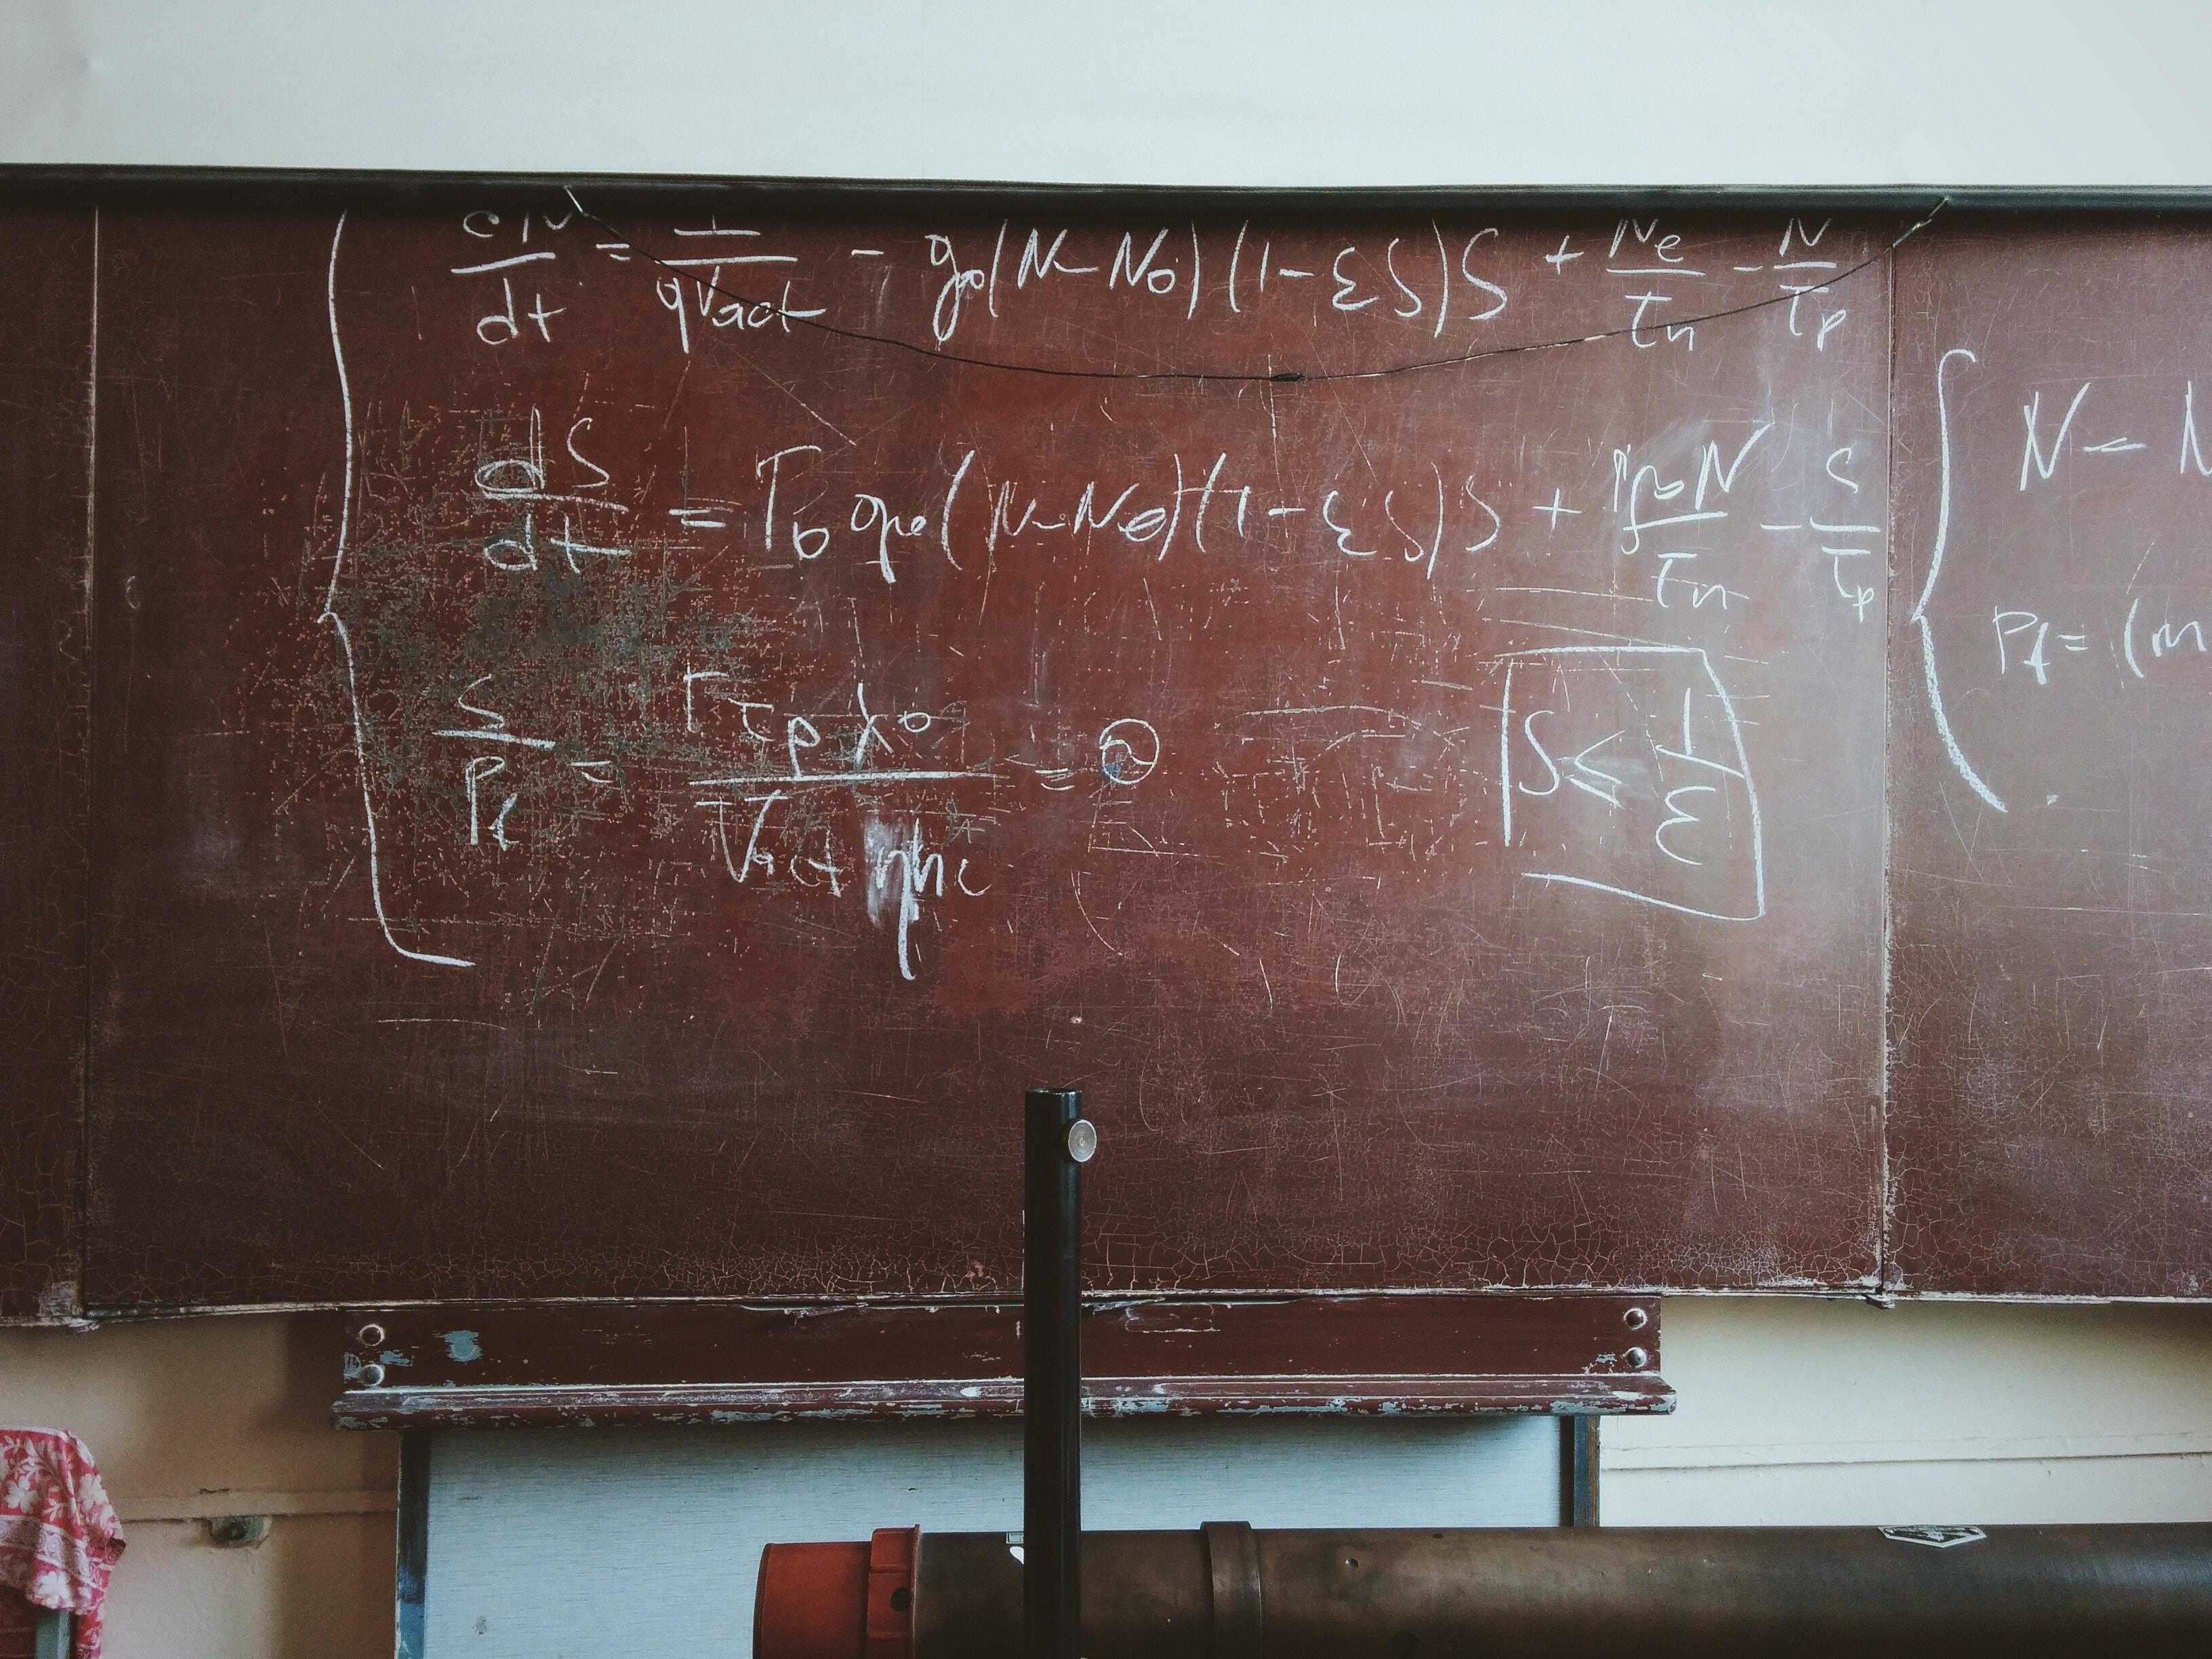 Slovenským učebniciam zúfalo chýba dej a deti potom nechápu súvislosti, hovorí profesor, ktorý napísal učebnicu fyziky, matematiky a slovenčiny v jednom